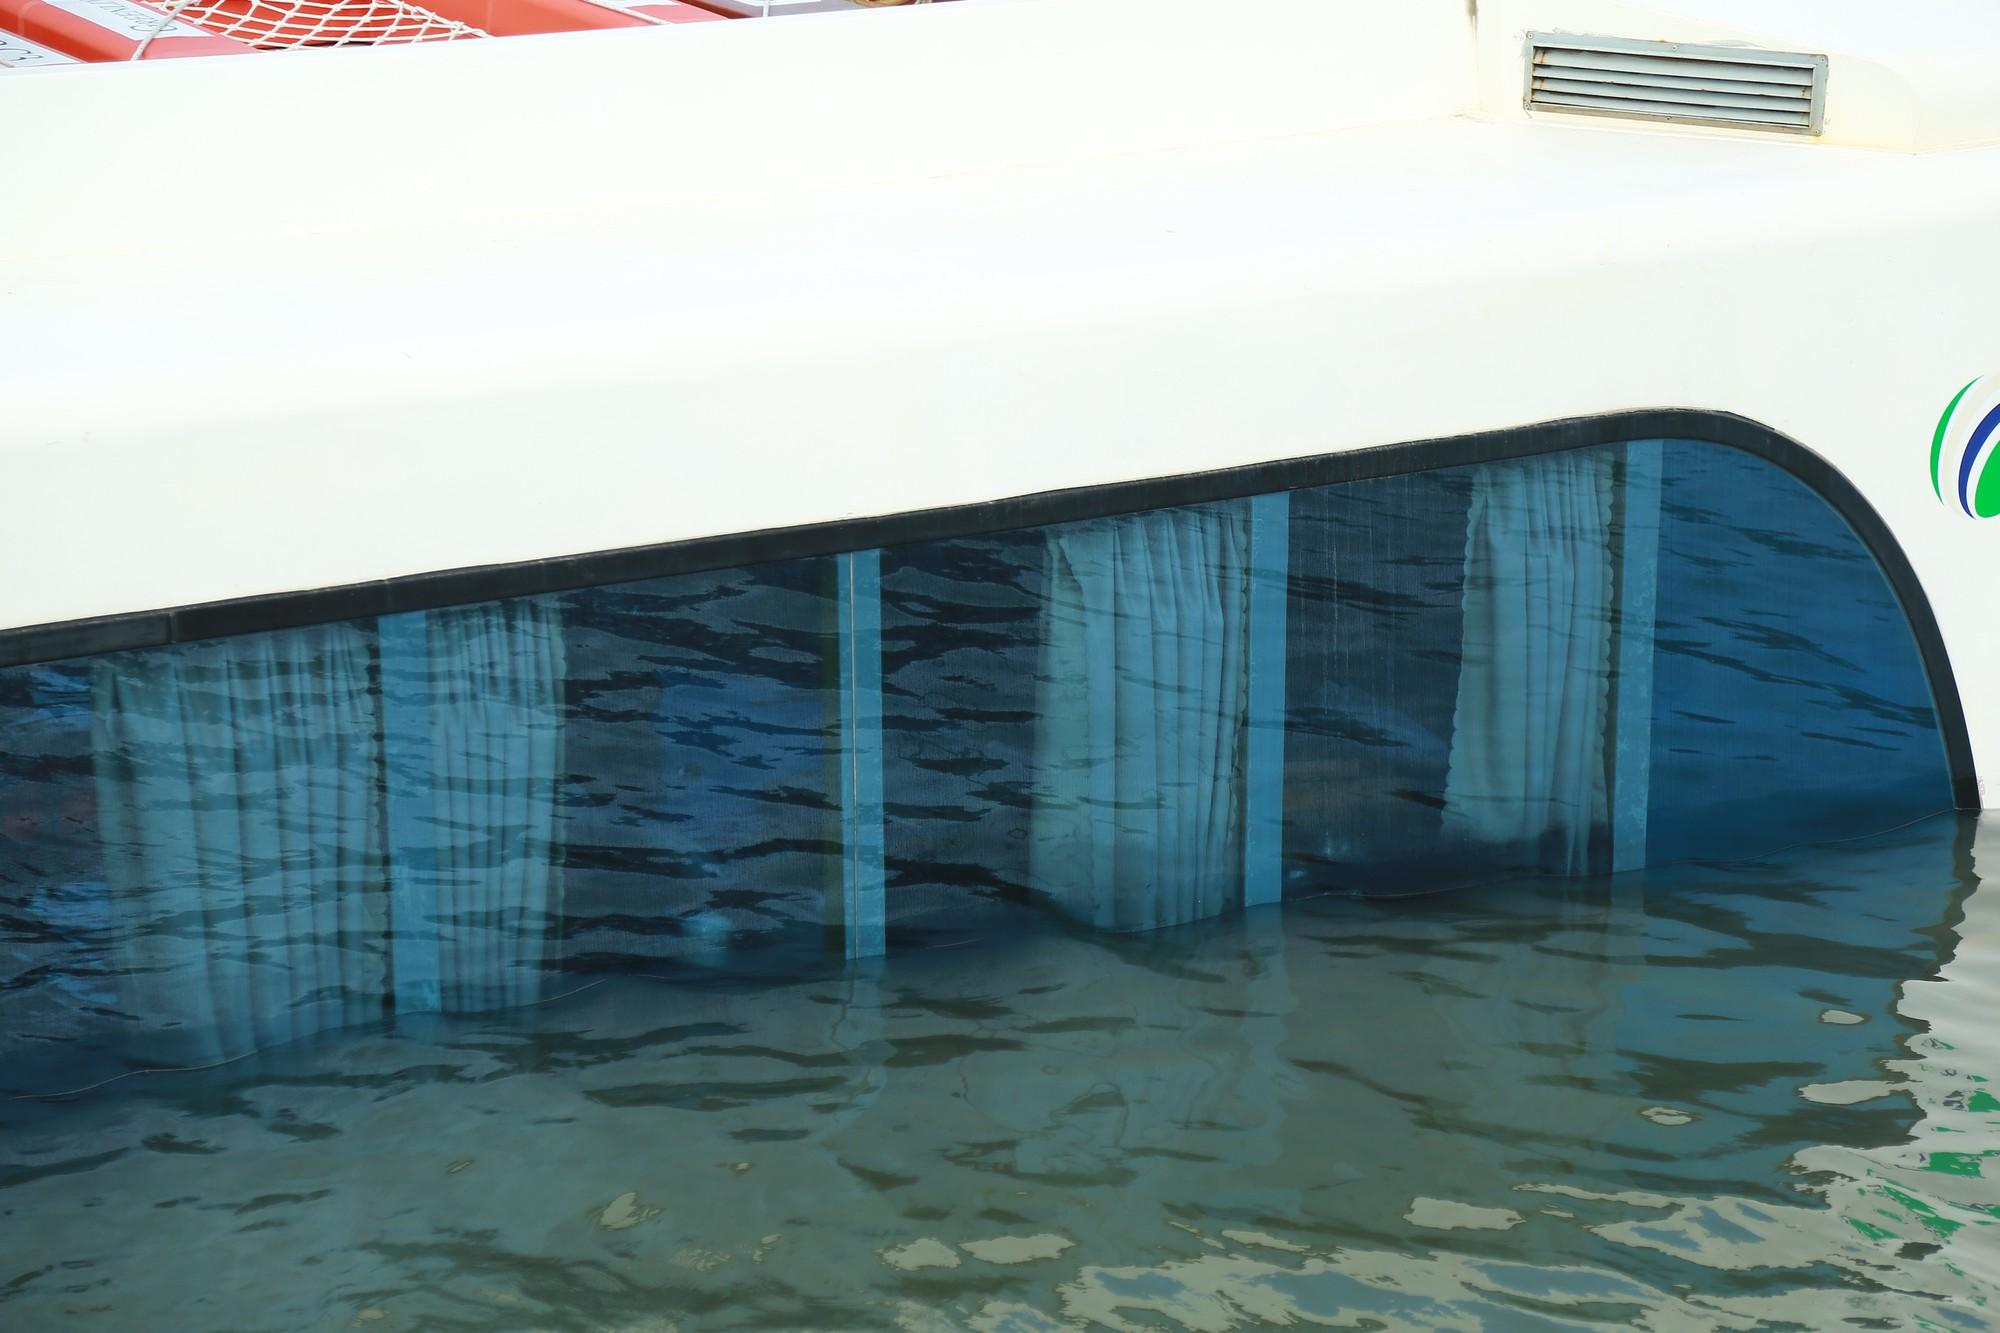 Cận cảnh trục vớt tàu cao tốc trị giá cả triệu USD bị chìm ở Sài Gòn - Ảnh 2.